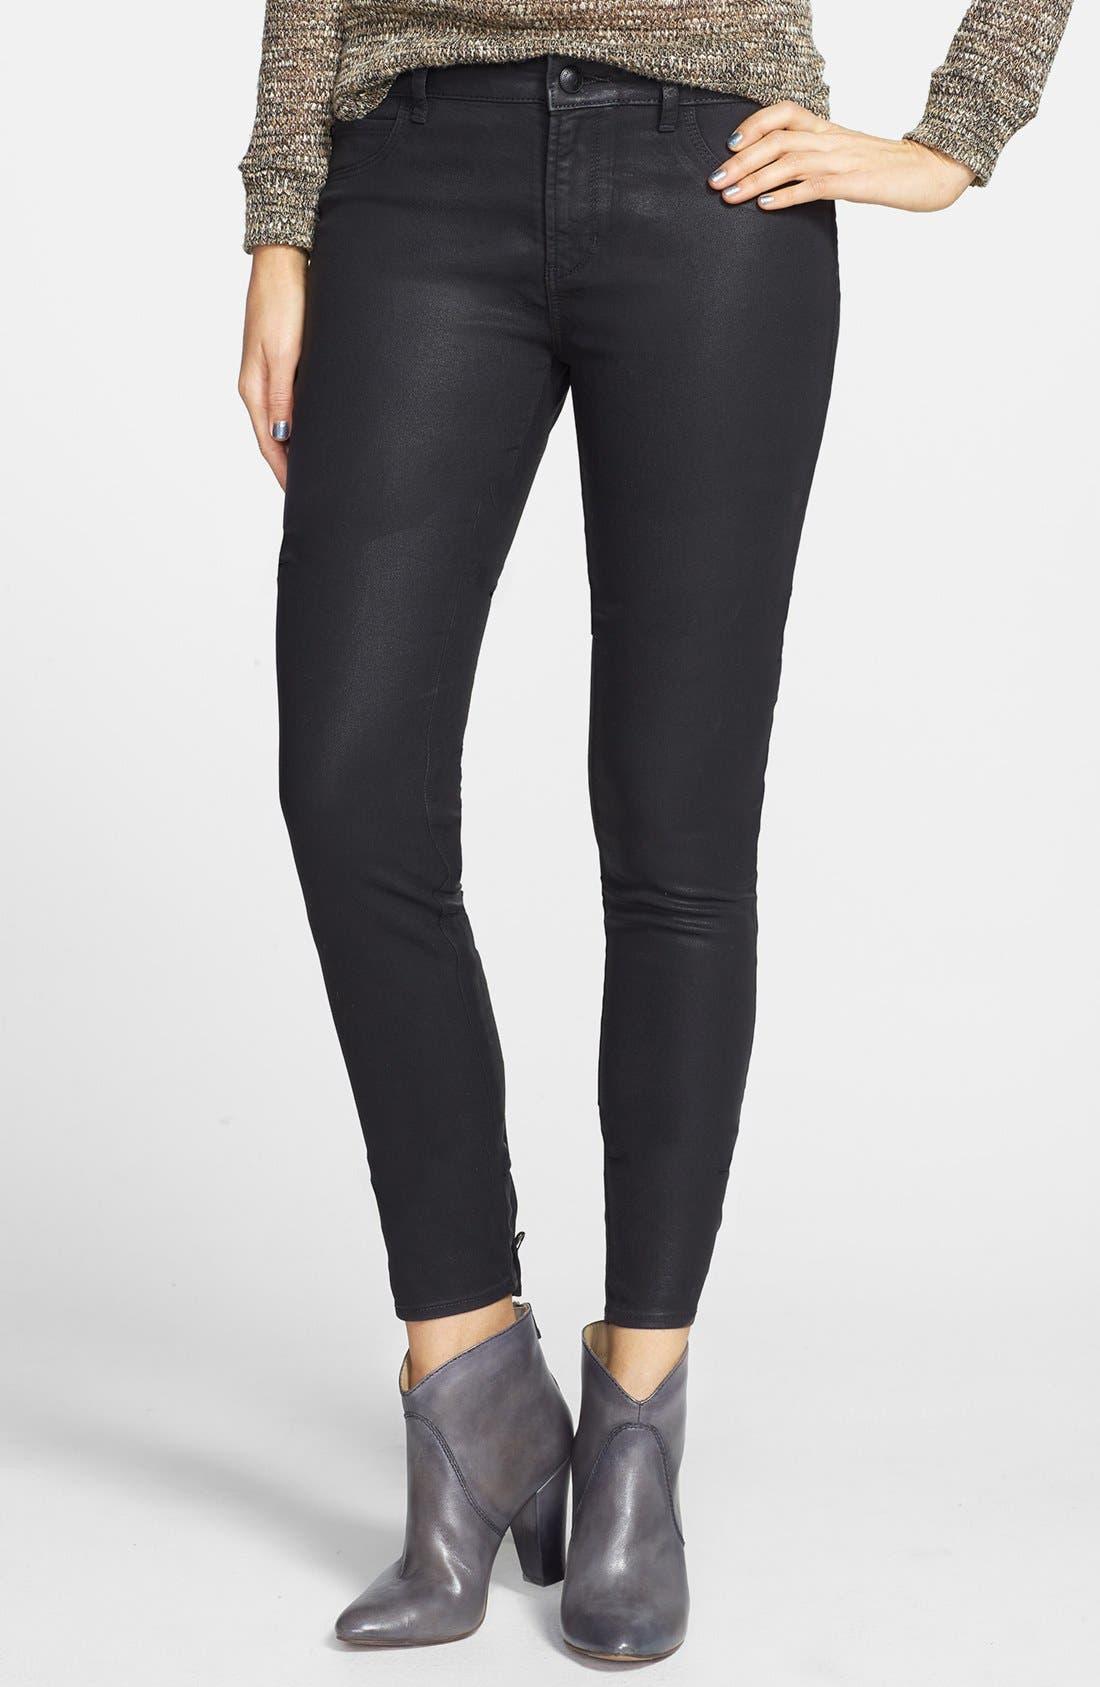 Main Image - Articles of Society 'Mya' Coated Skinny Jeans (Moto)